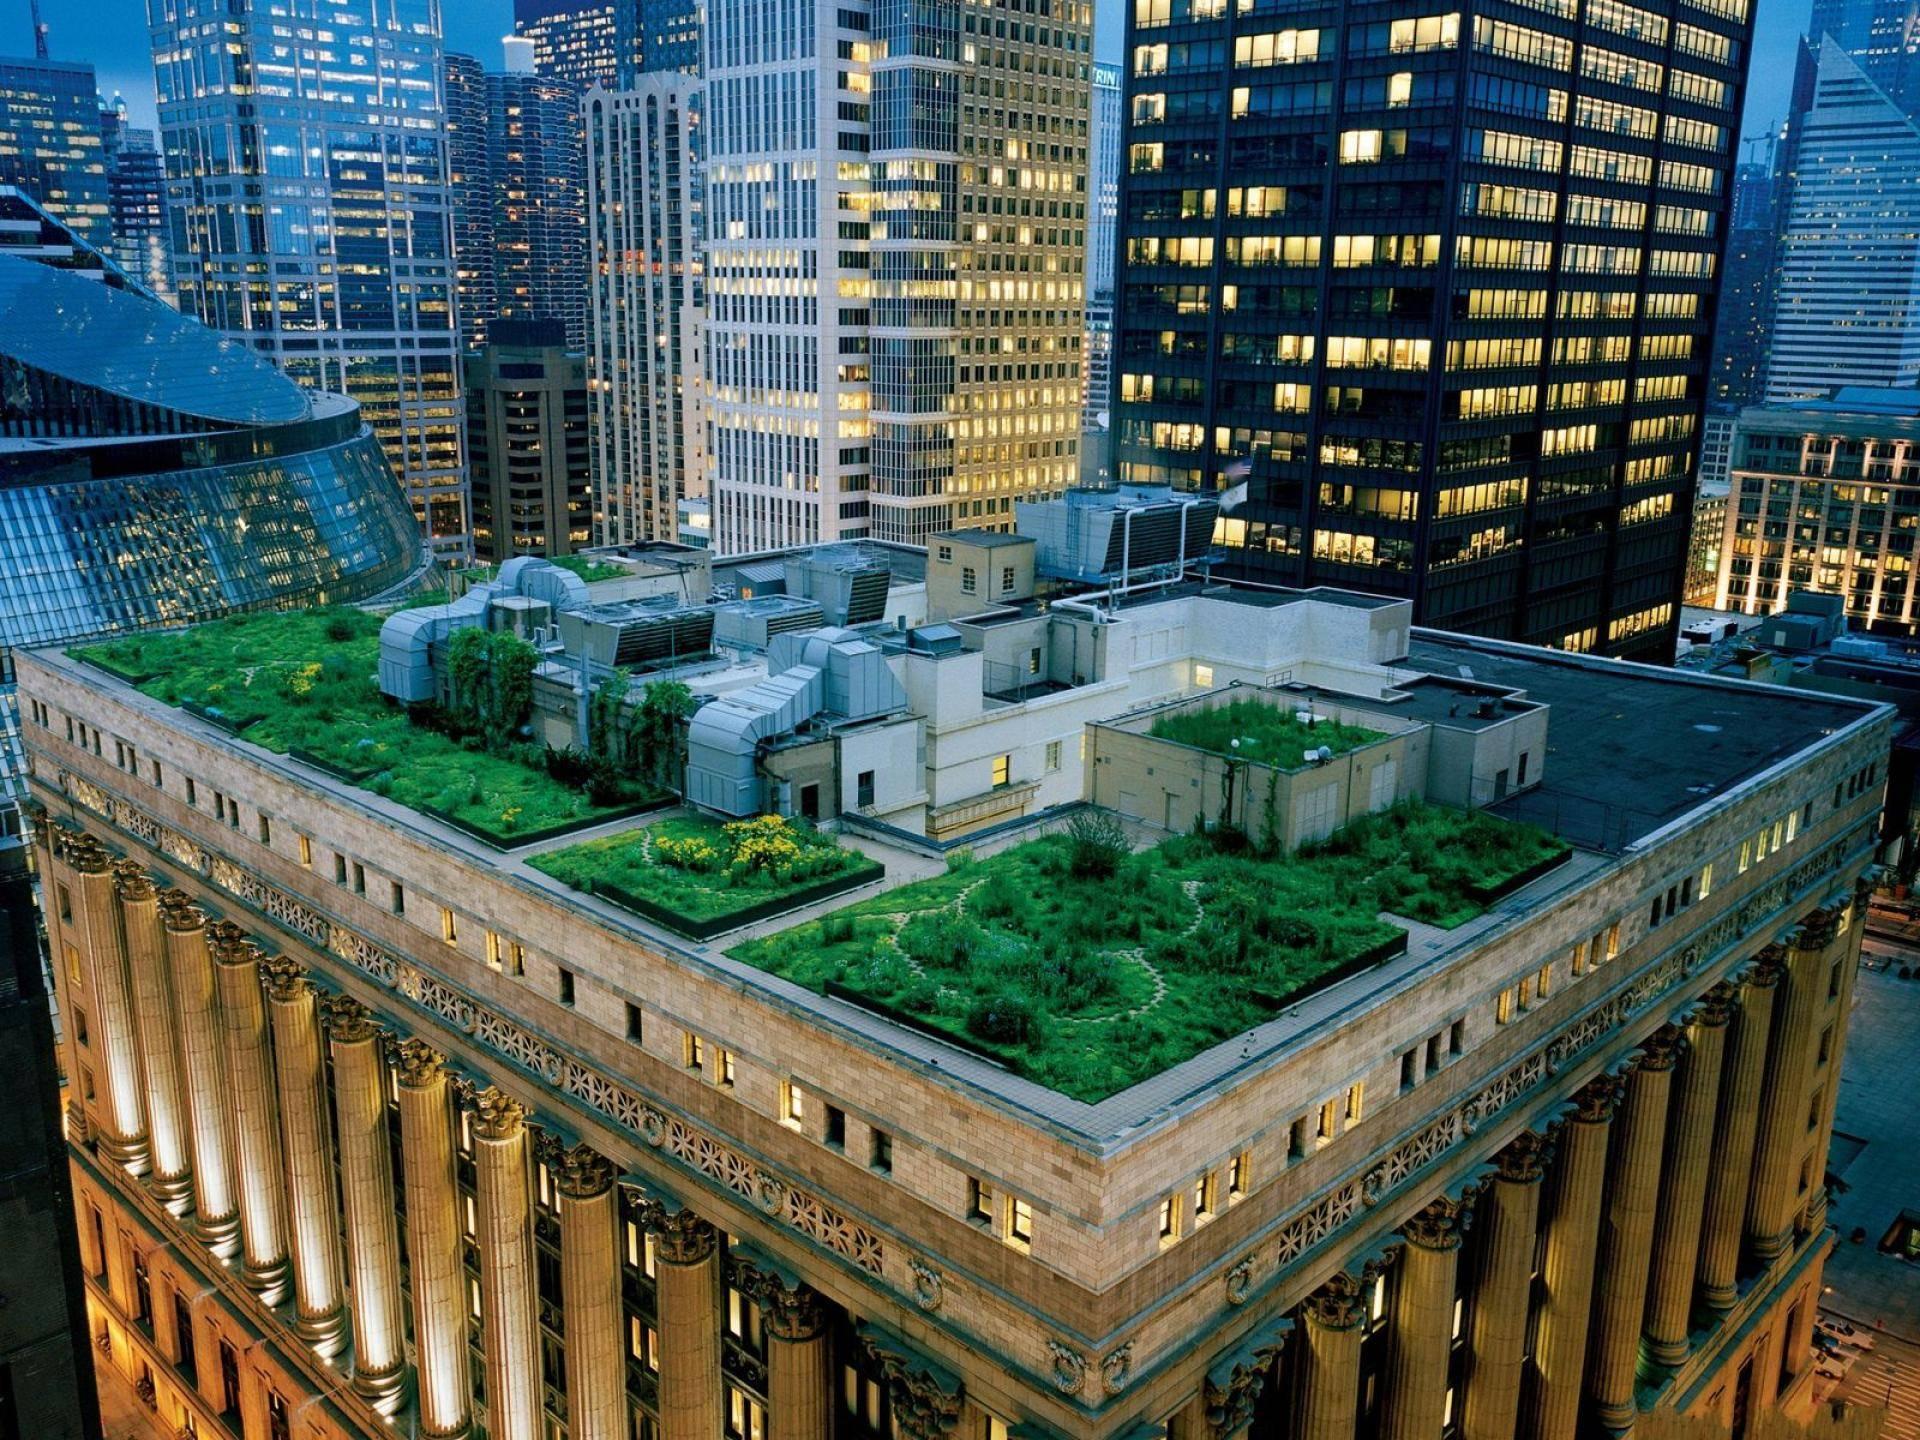 Rooftop Garden rooftop gardens copy1 copy1 on emaze